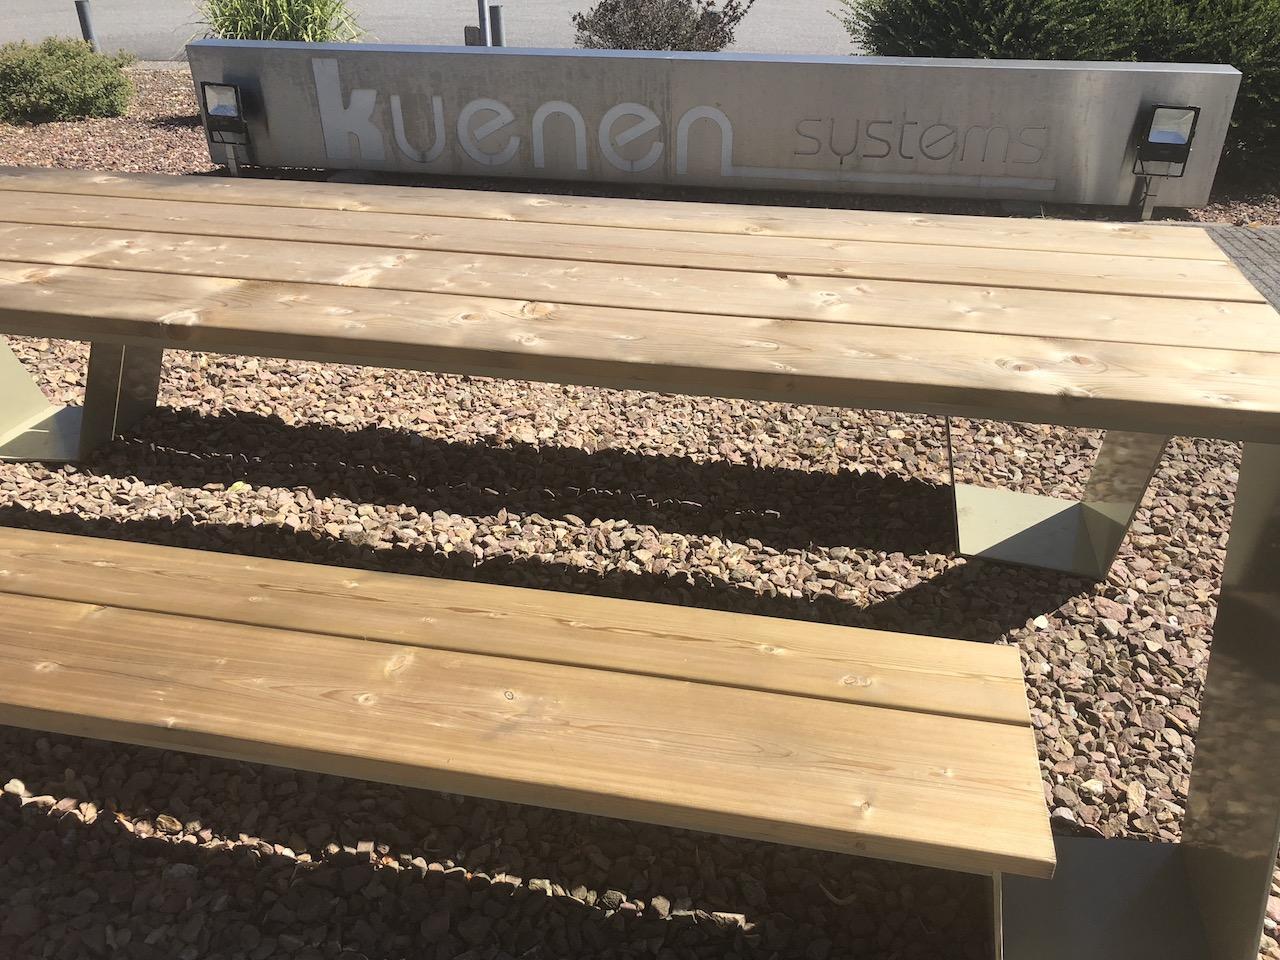 Picknicktafel van staal en hout voor buitengebruik